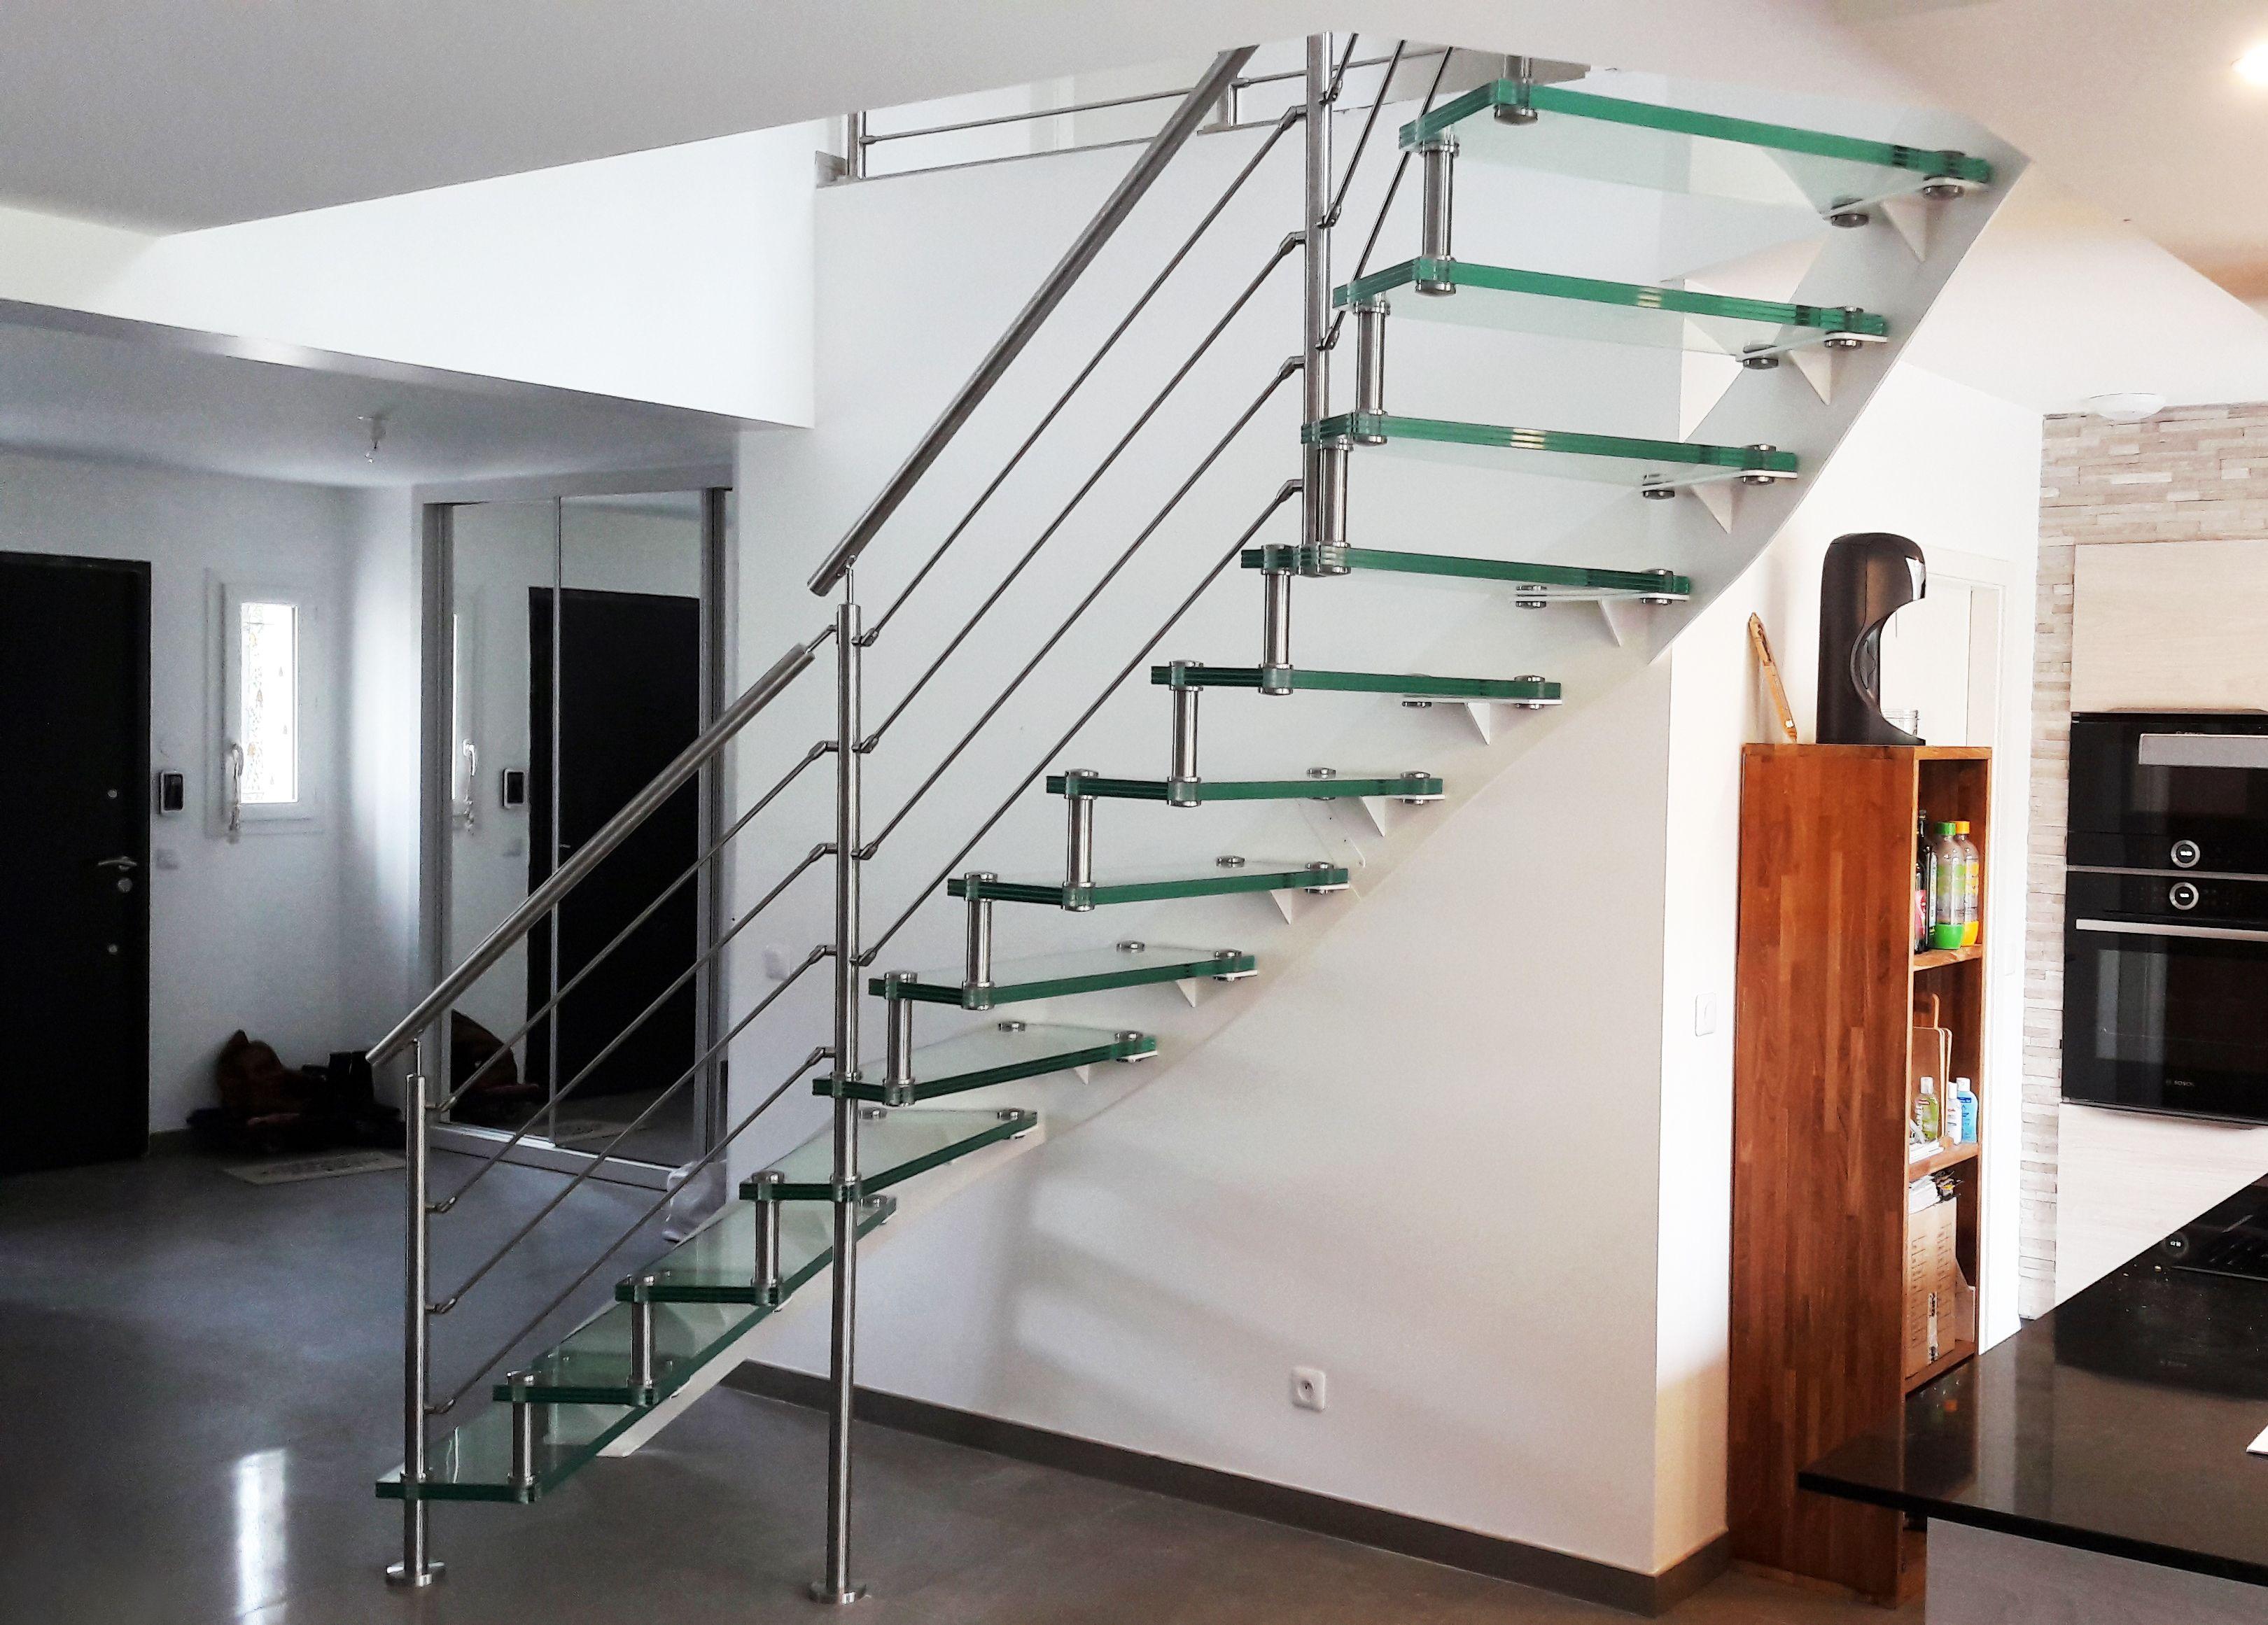 Escalier en verre et en métal design et moderne. Escalier avec ...